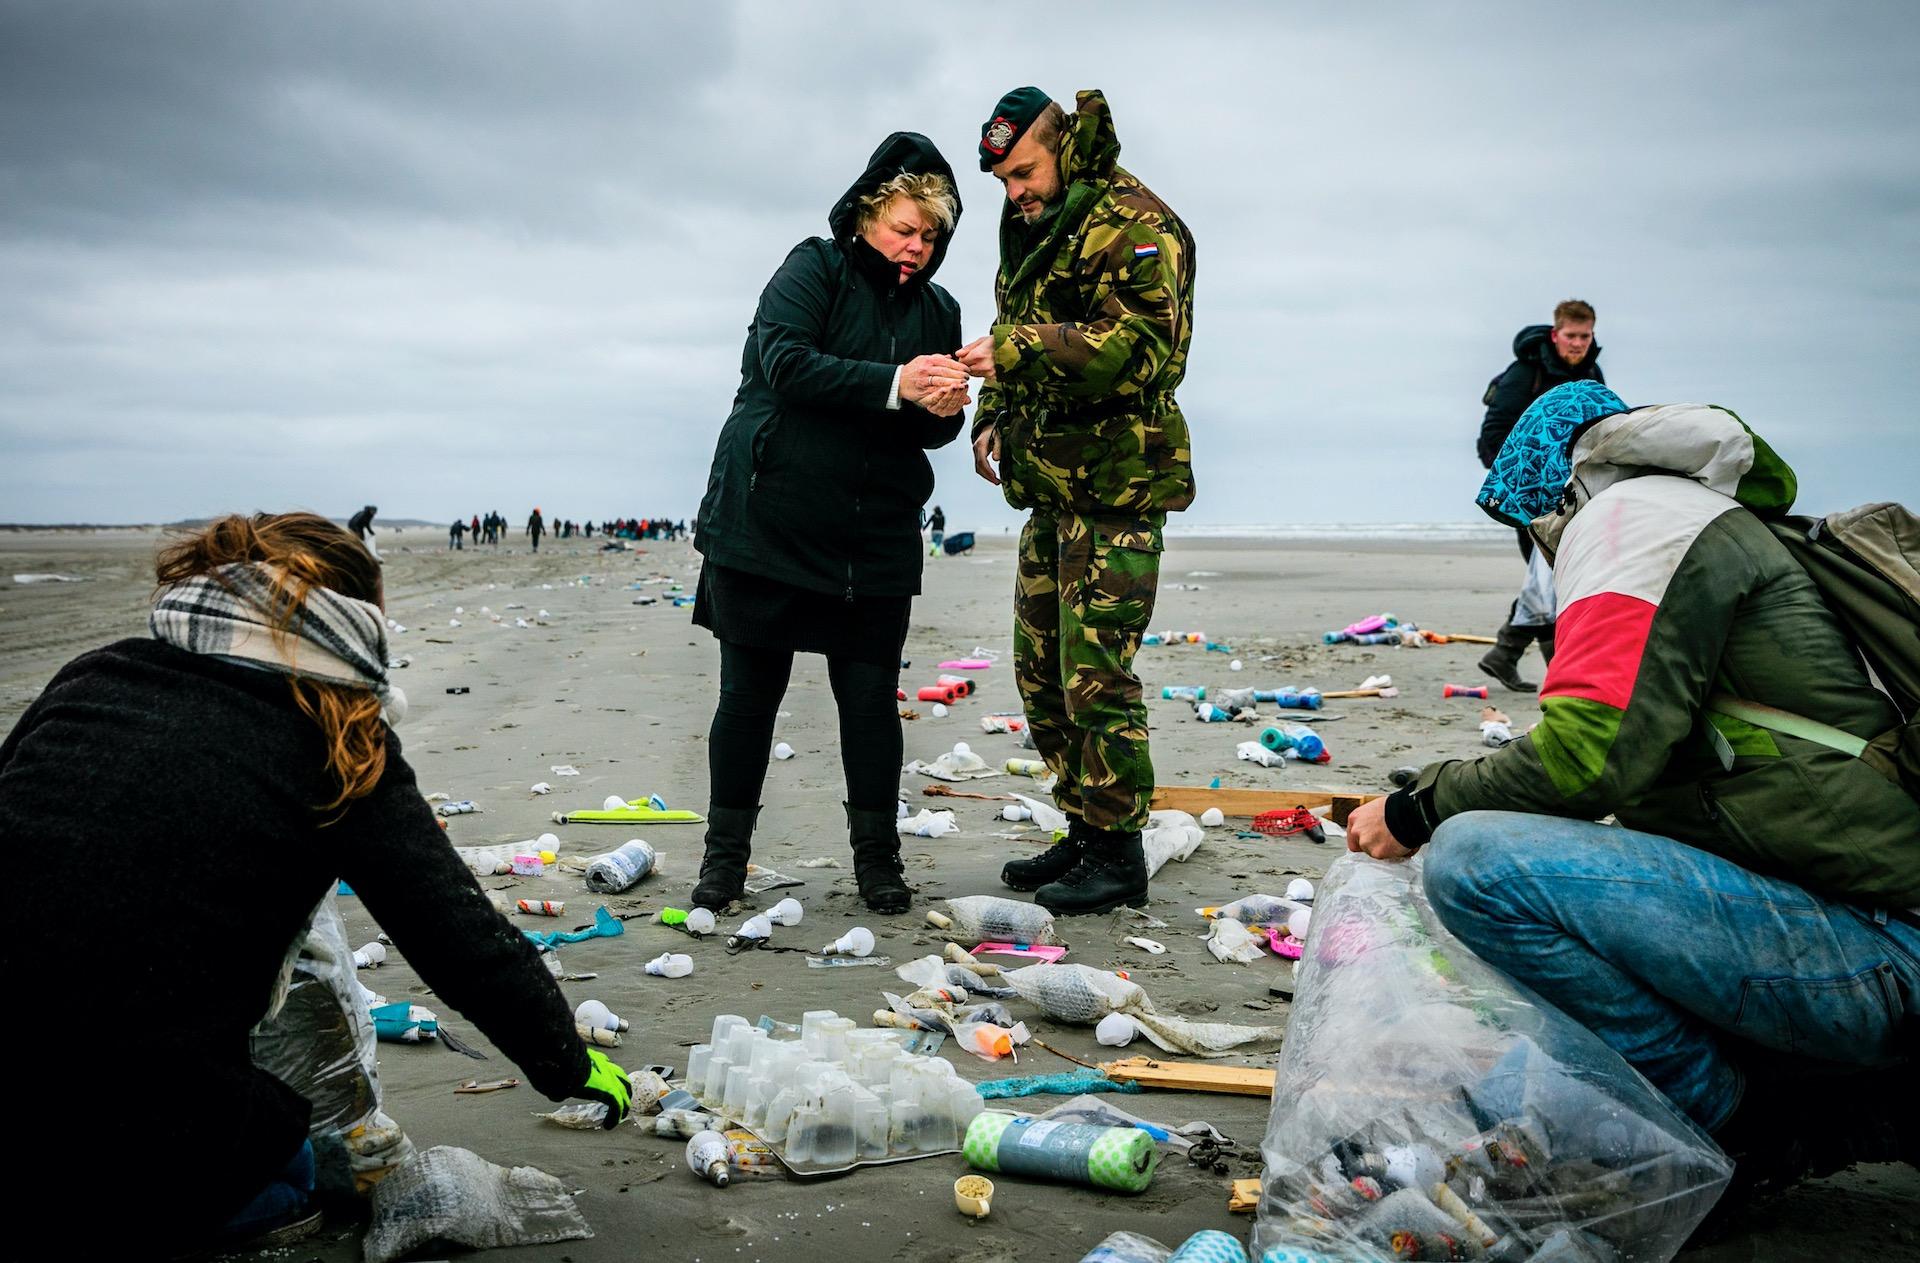 SCHIERMONNIKOOG - Burgemeester Ineke van Gent neemt een kijkje bij een opruimactie op het strand van Schiermonnikoog nadat het vrachtschip MSC Zoe 270 containers was verloren waaruit spullen aanspoelen op het eiland.